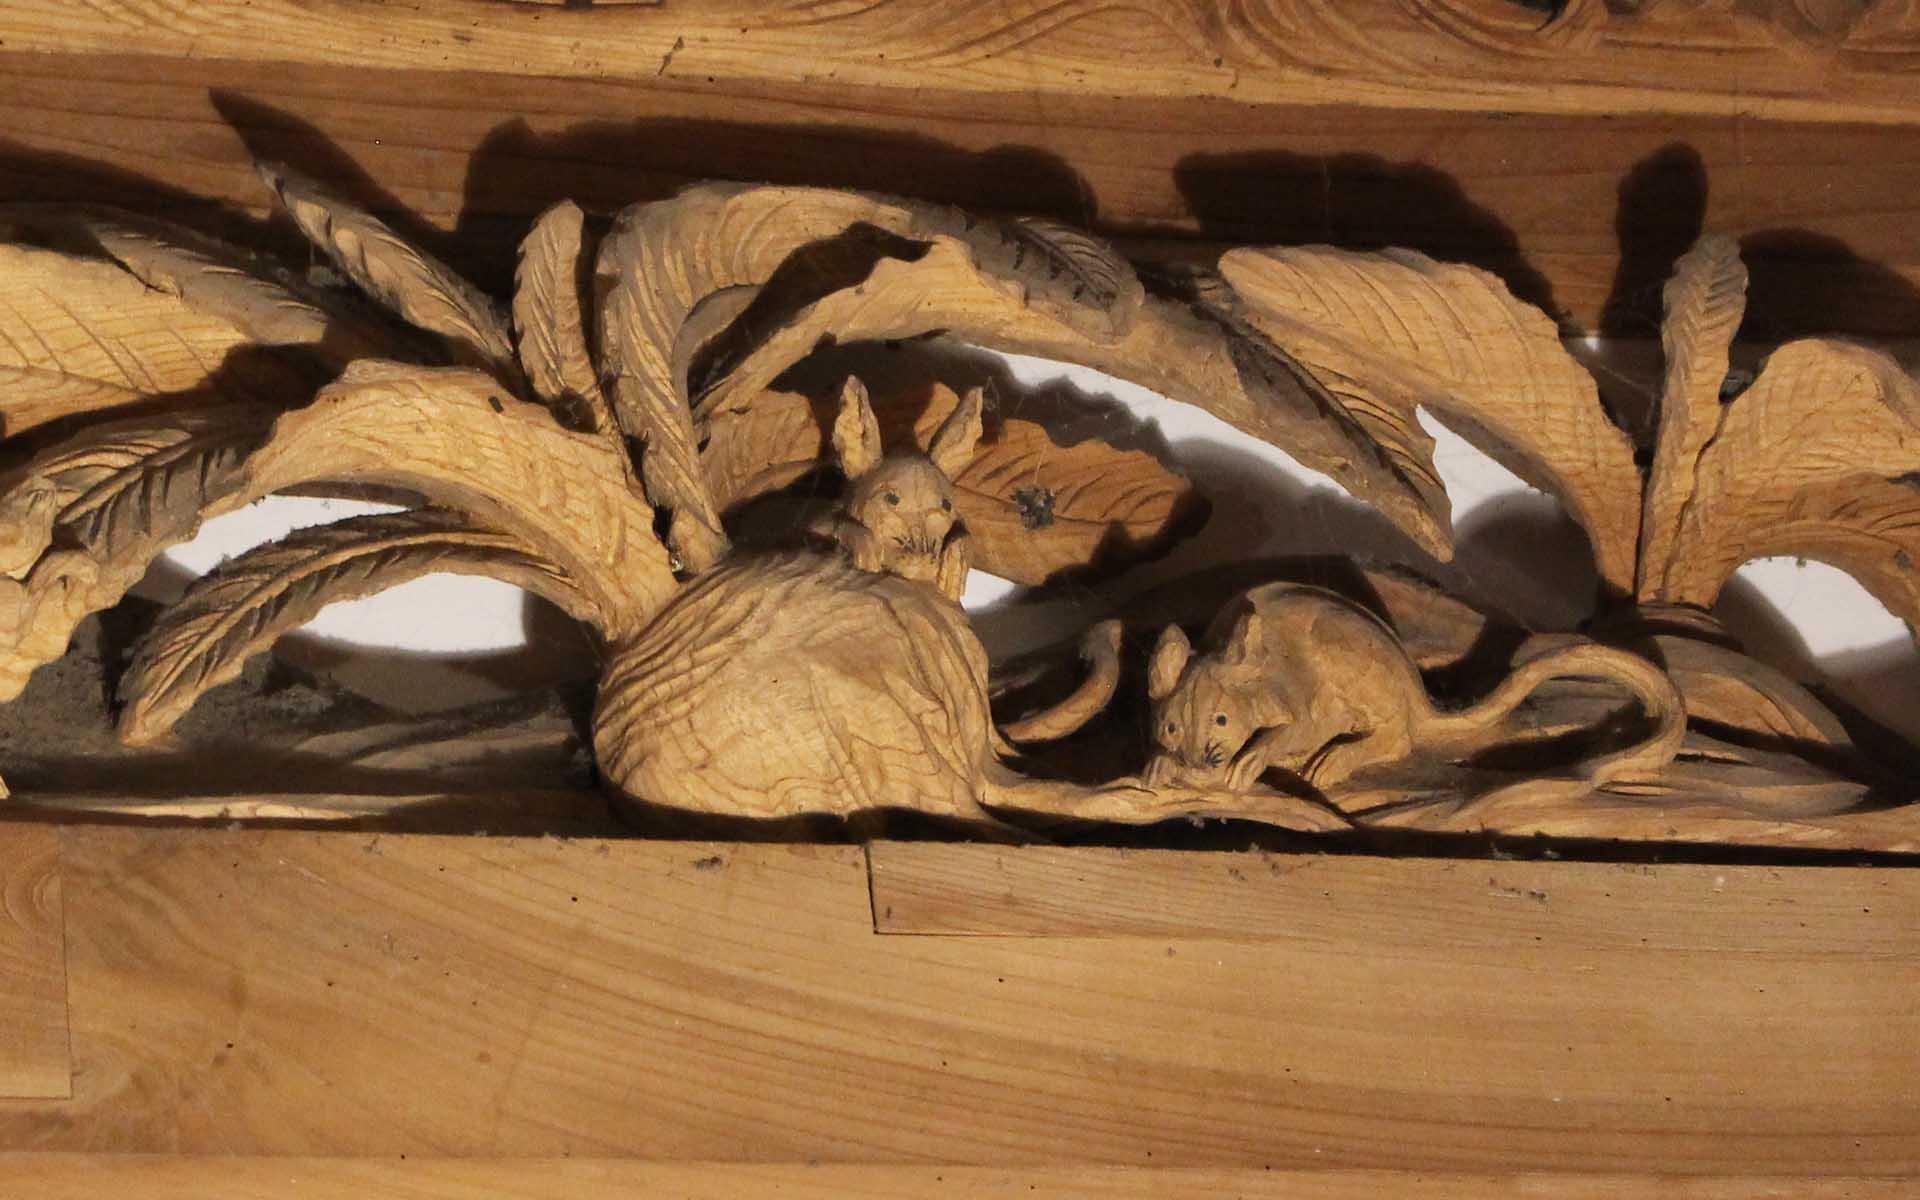 開山堂にある「蕪をかじる鼠たち」。動物も雲蝶が得意としたモチーフ